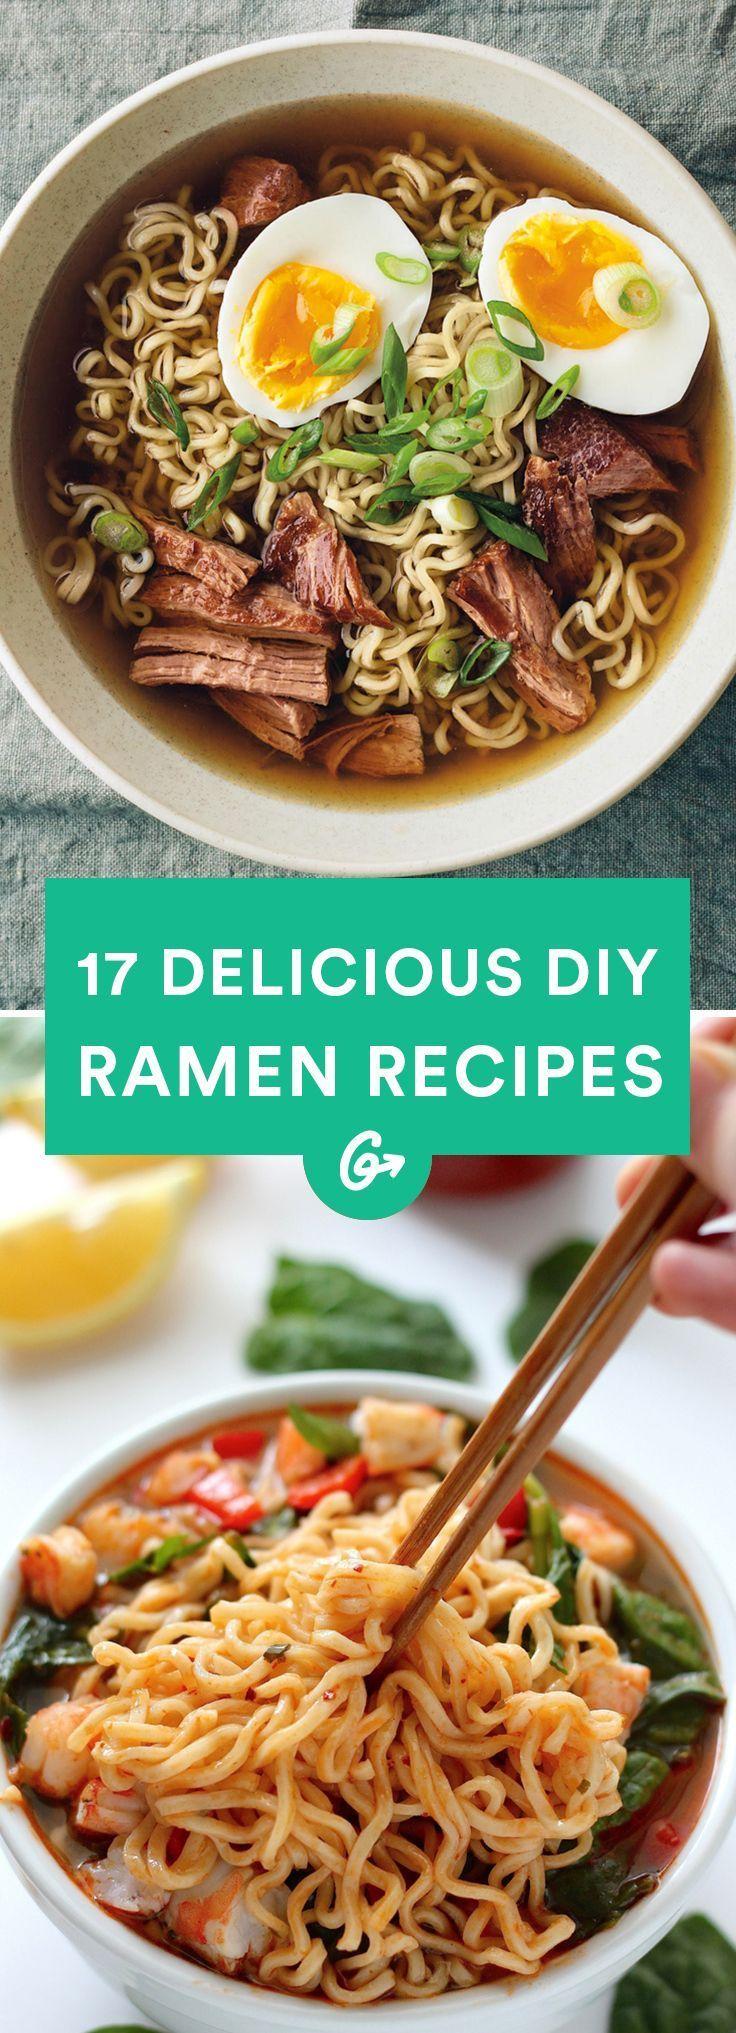 17 Delicious Diy Ramen Recipes Healthy Ramen Recipes Healthy Ramen Recipes